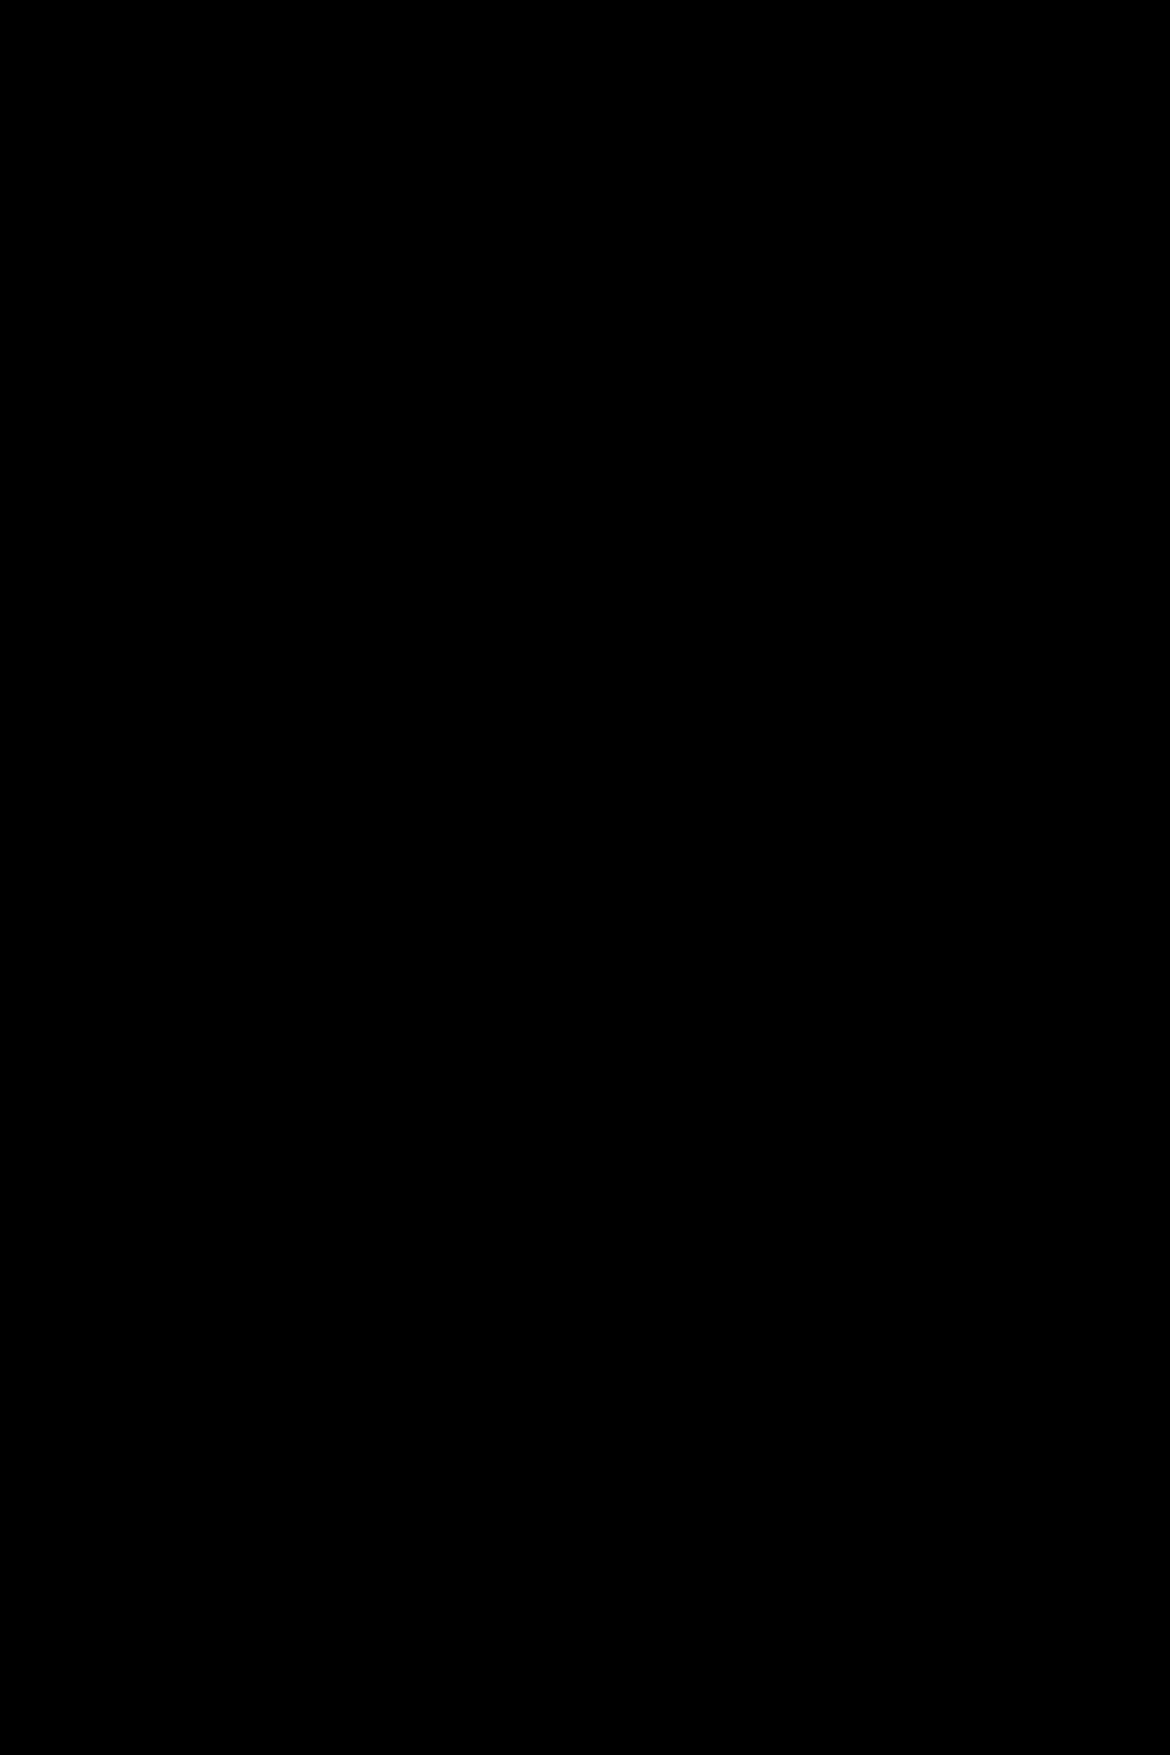 3 giorni a Taormina: cosa vedere, dove dormire e mangiare by Laura Comolli - Bambar Taormina